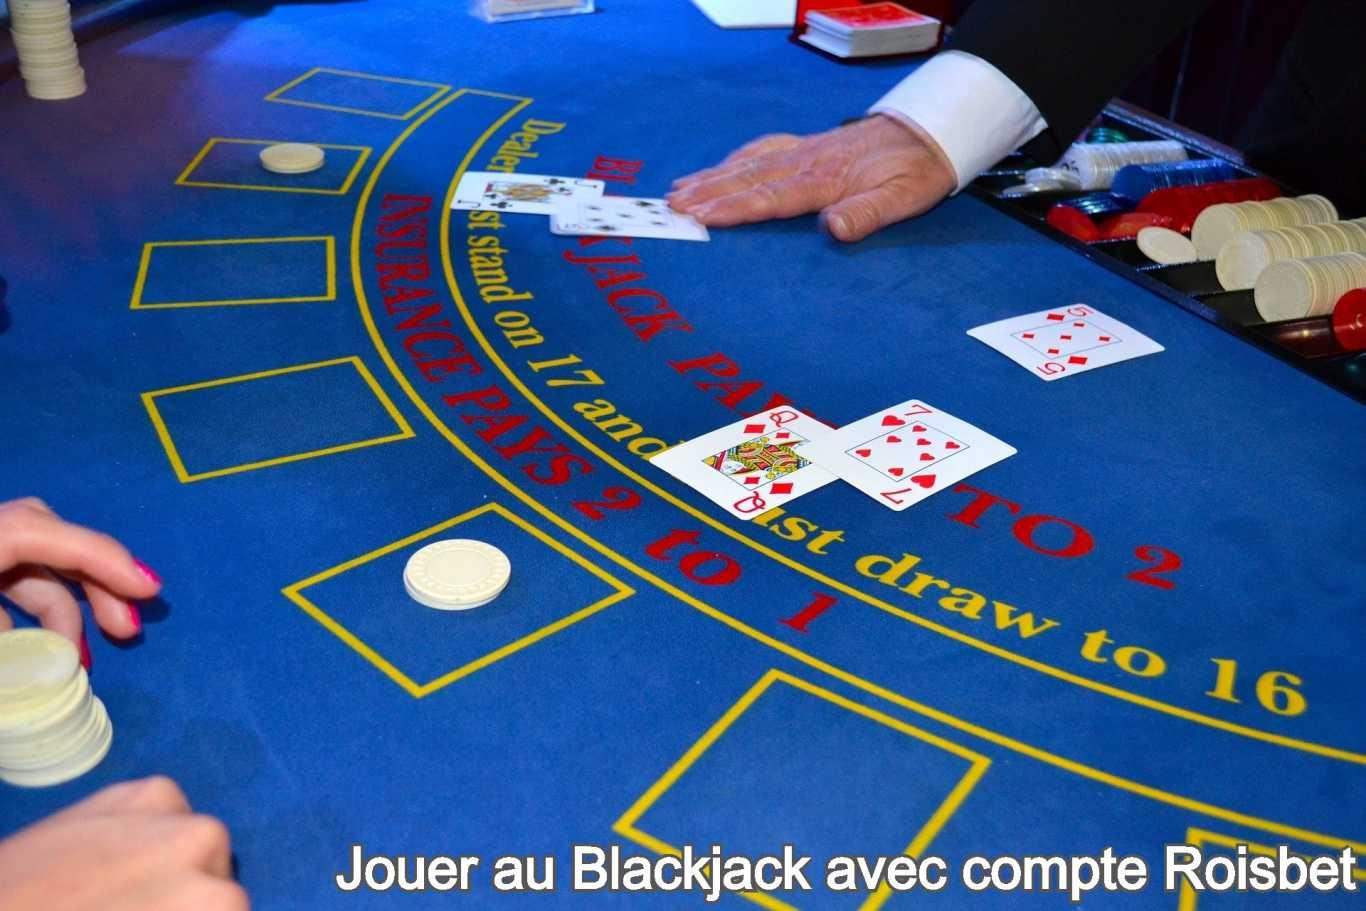 Jouer au Blackjack avec compte Roisbet